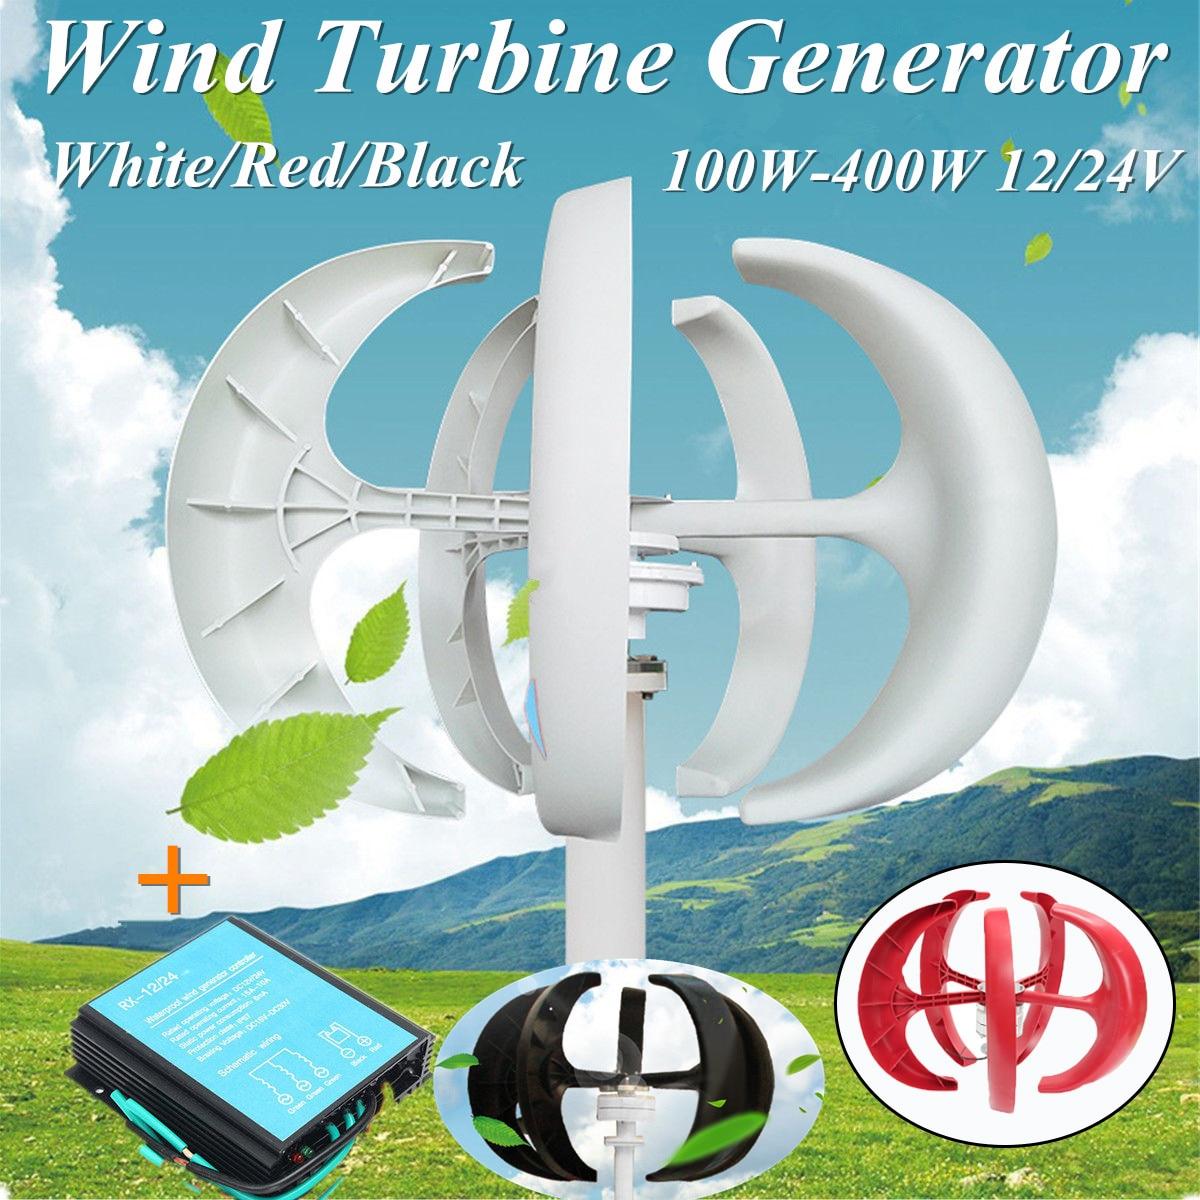 100W 200W 300W 400W Max 600W Wind Generator Lantern 12V 24V 5 Blades Permanent Magnet Generator Turbine + 600W Wind Controller 100w 200w 300w 400w lantern wind turbine generator dc 12v 24v wind power permanent magnet generator 600w wind energy controller